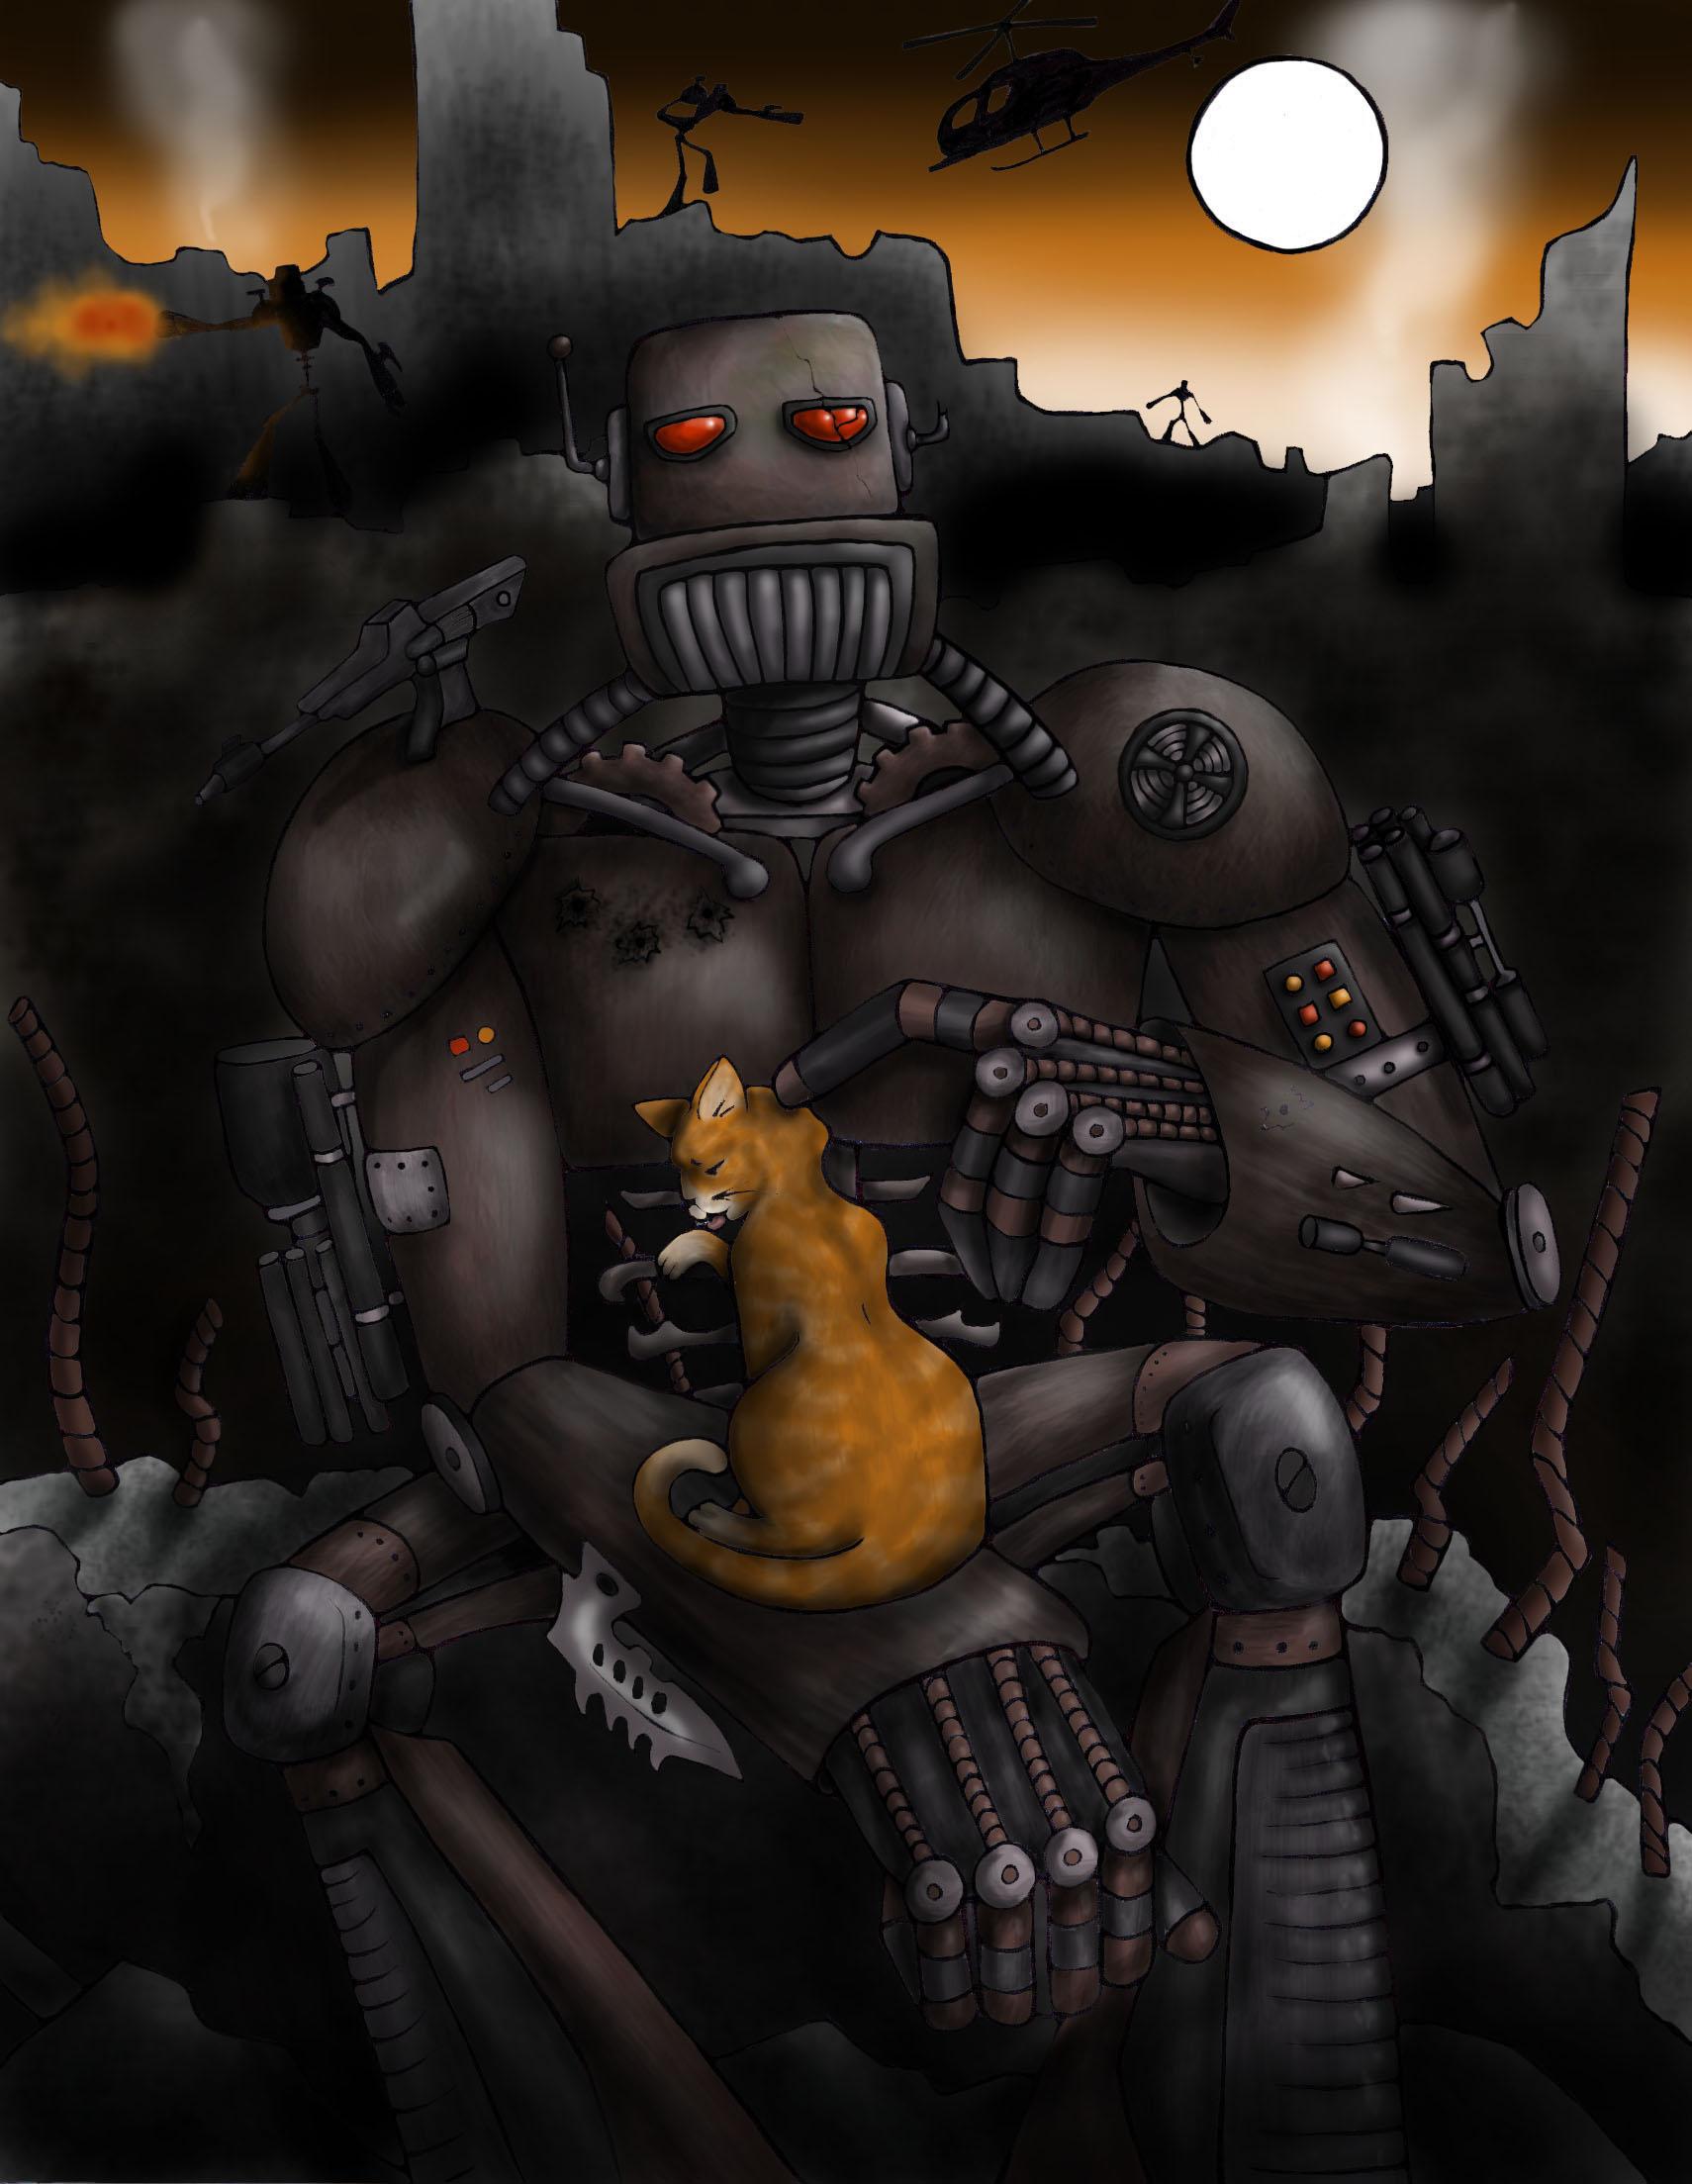 robots love kitties too